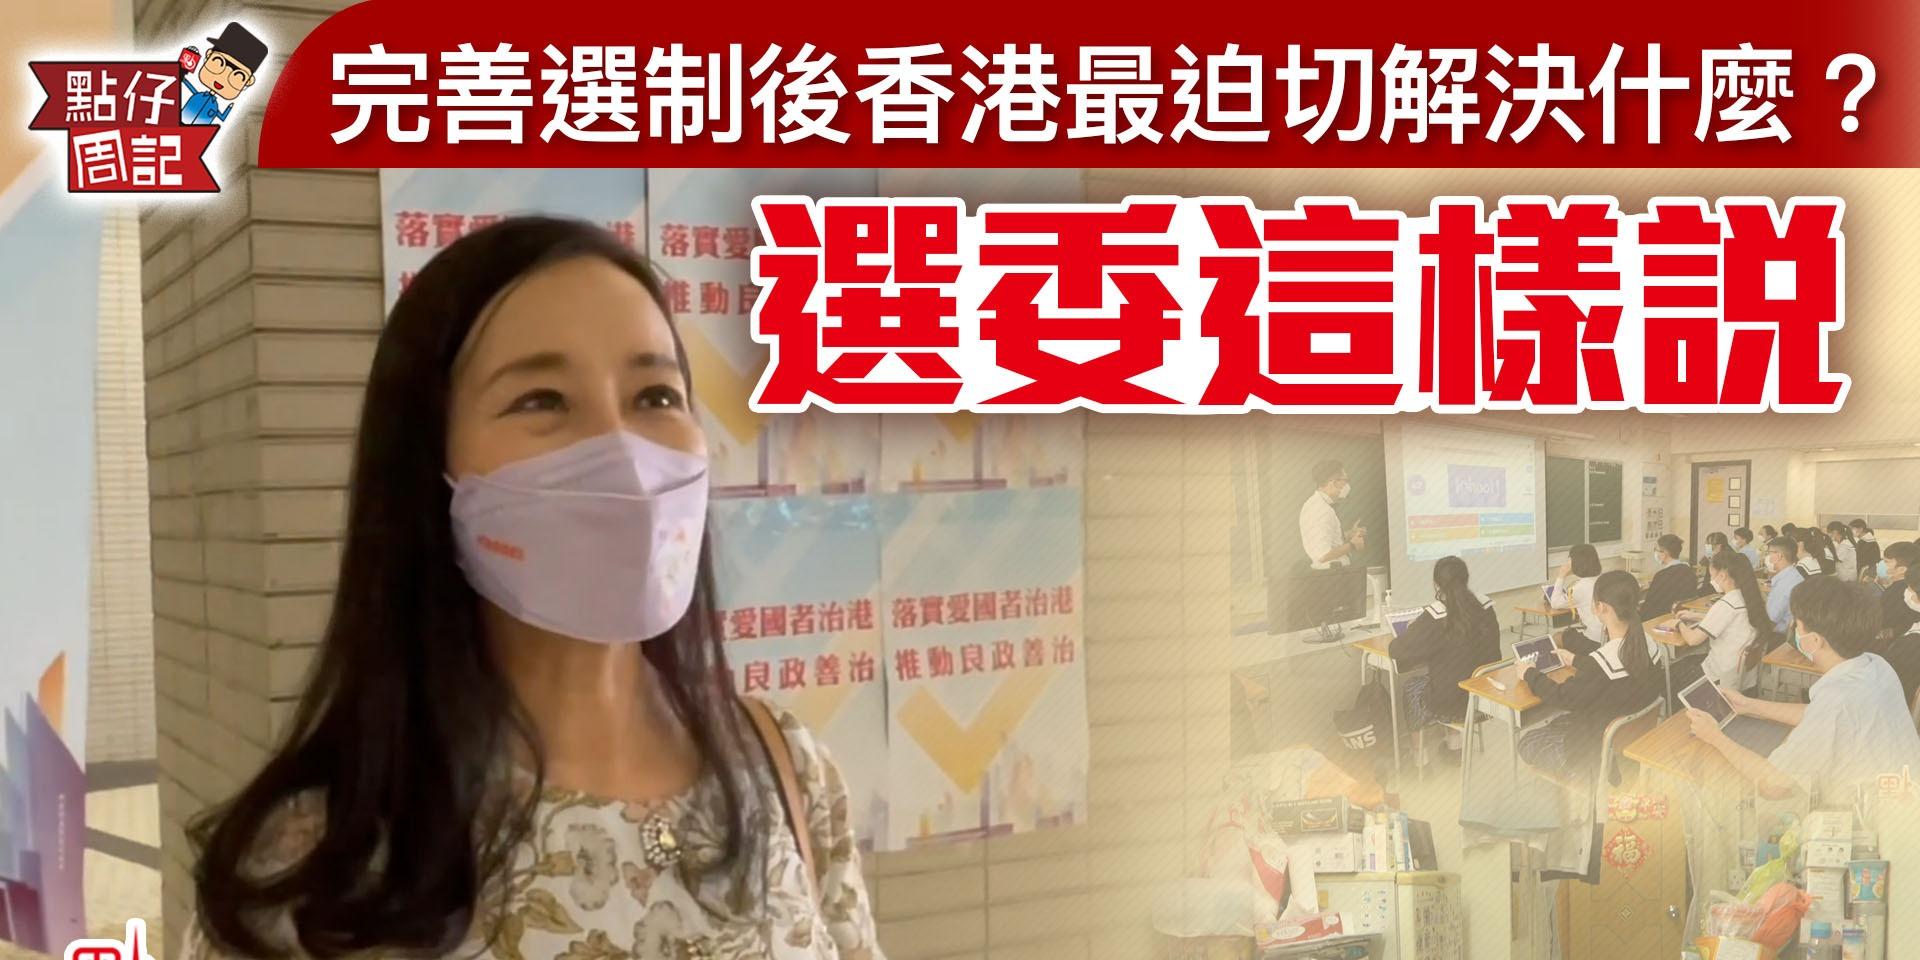 【點仔周記】完善選制後香港最迫切解決什麼?選委這樣說